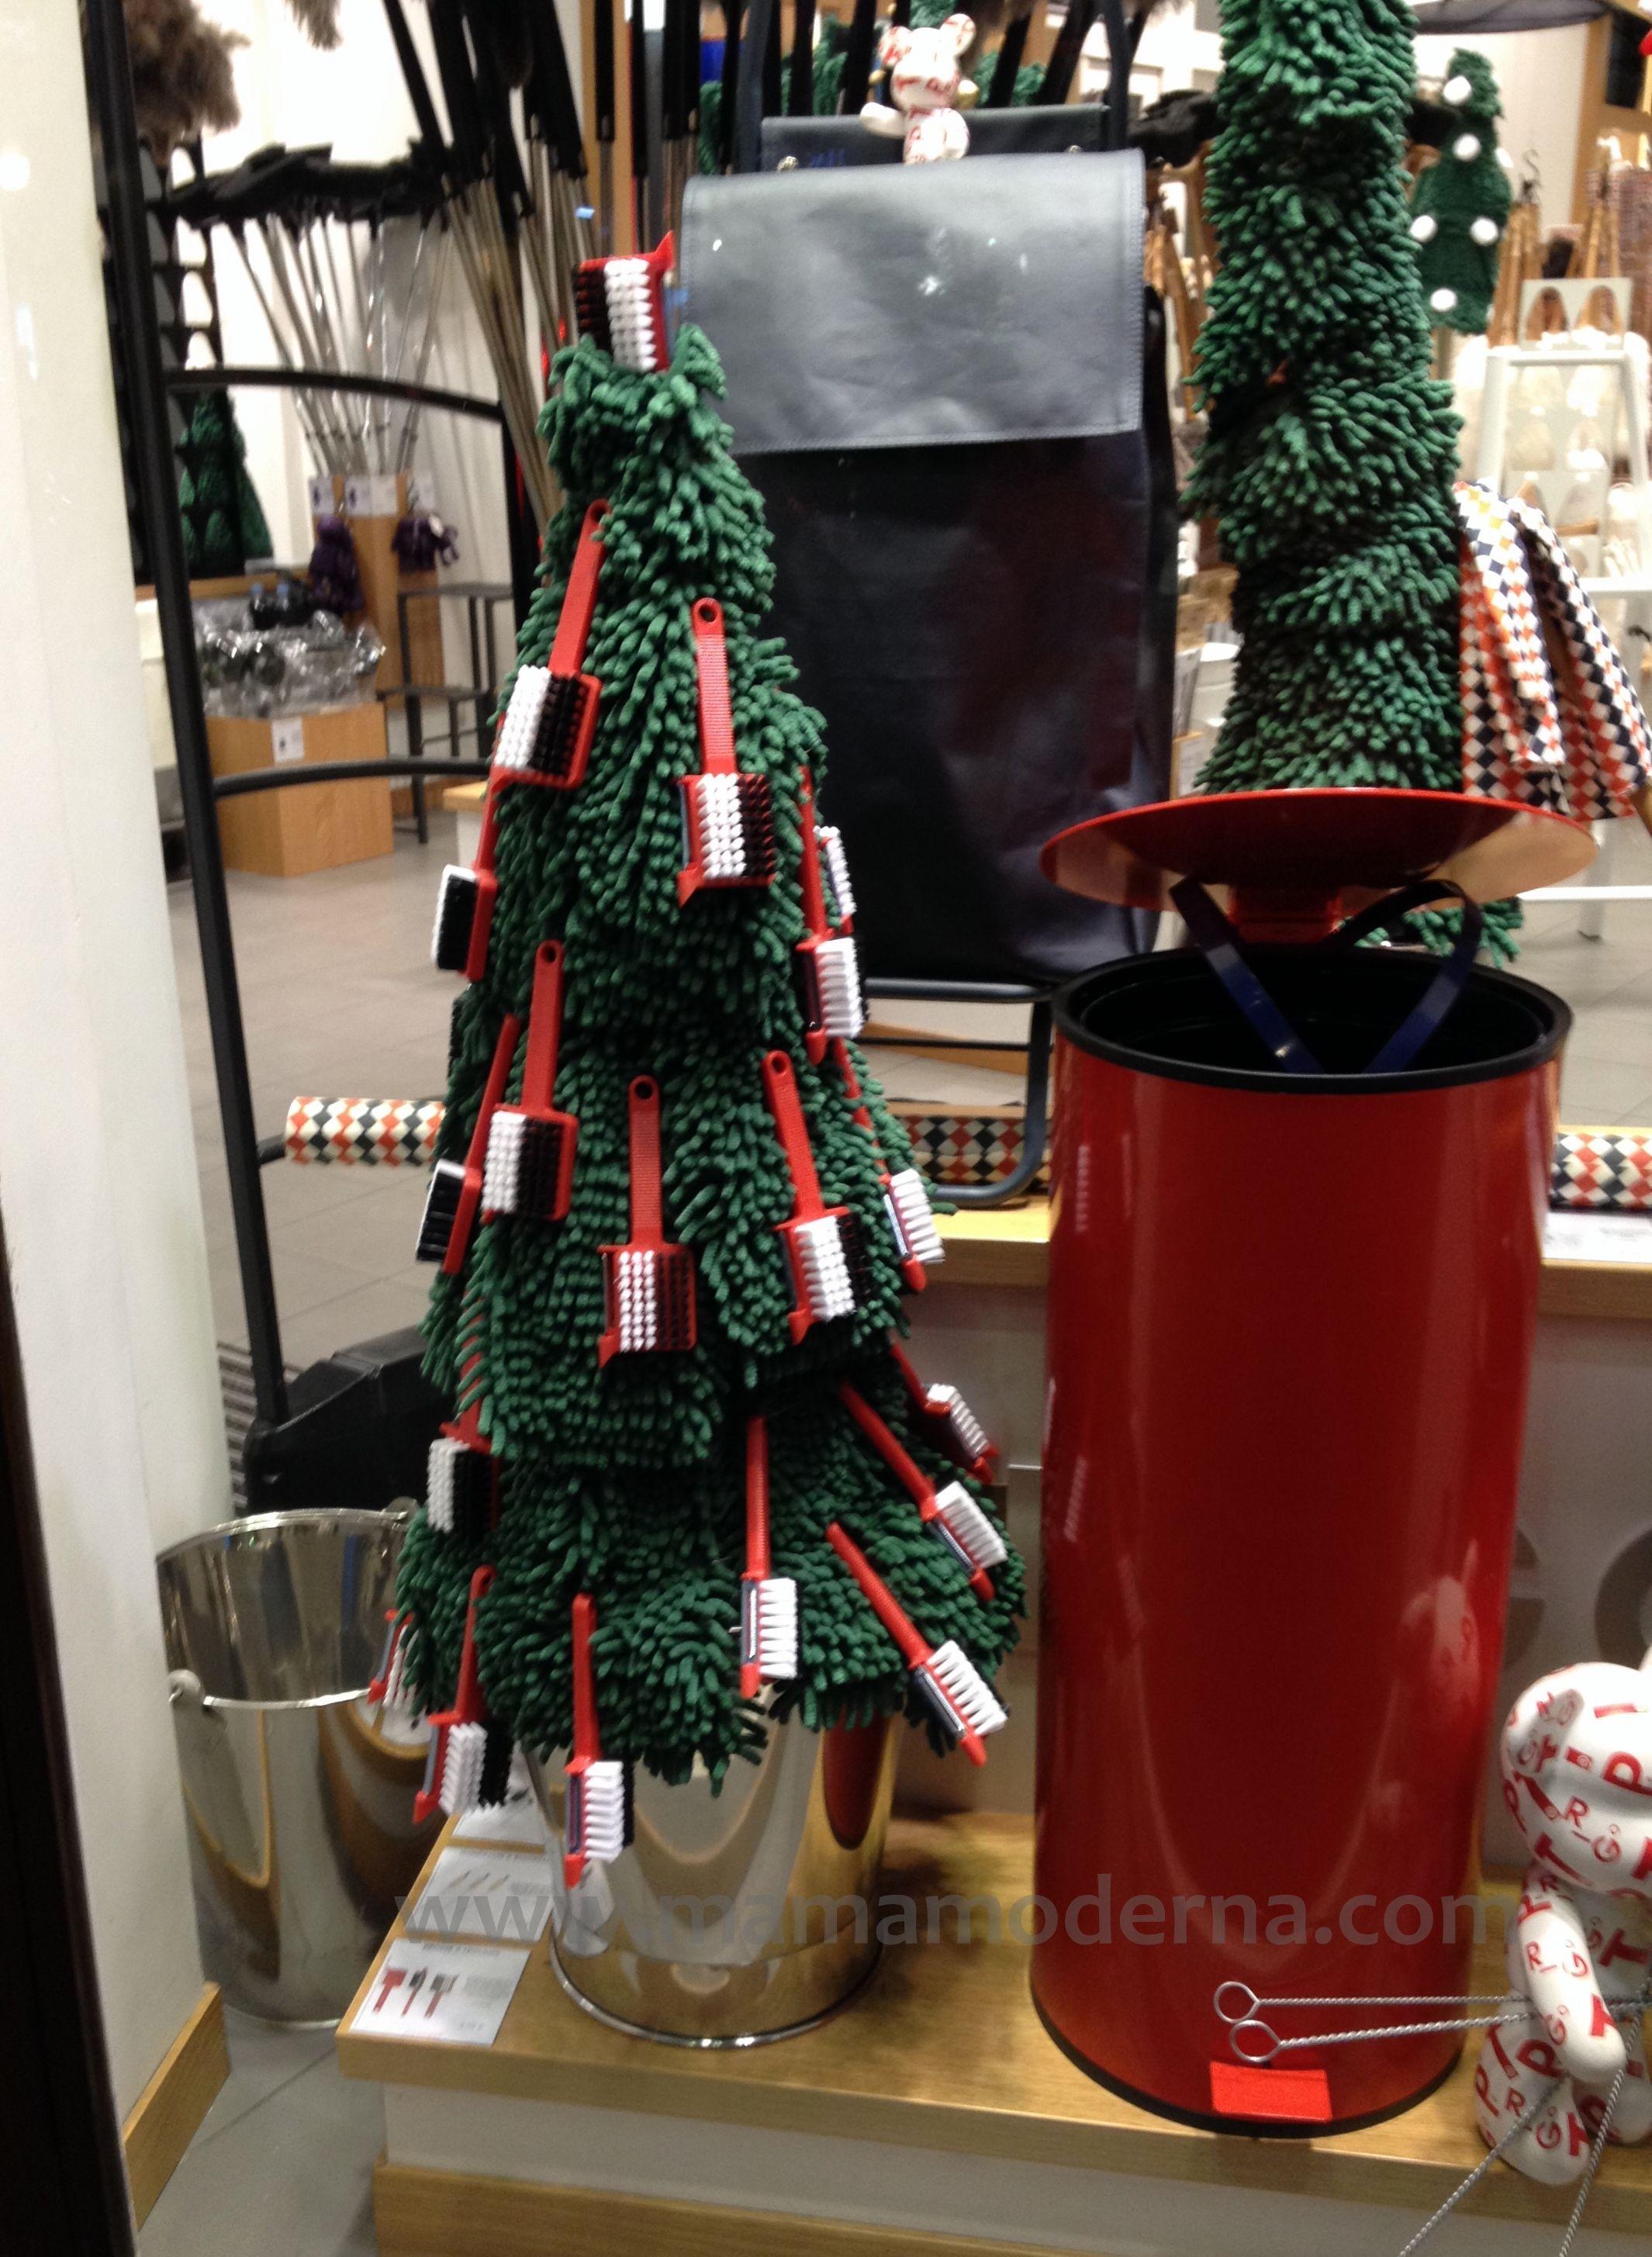 Árbol navideño con materiales para hacer la limpieza. Me encanta su orginialidad.